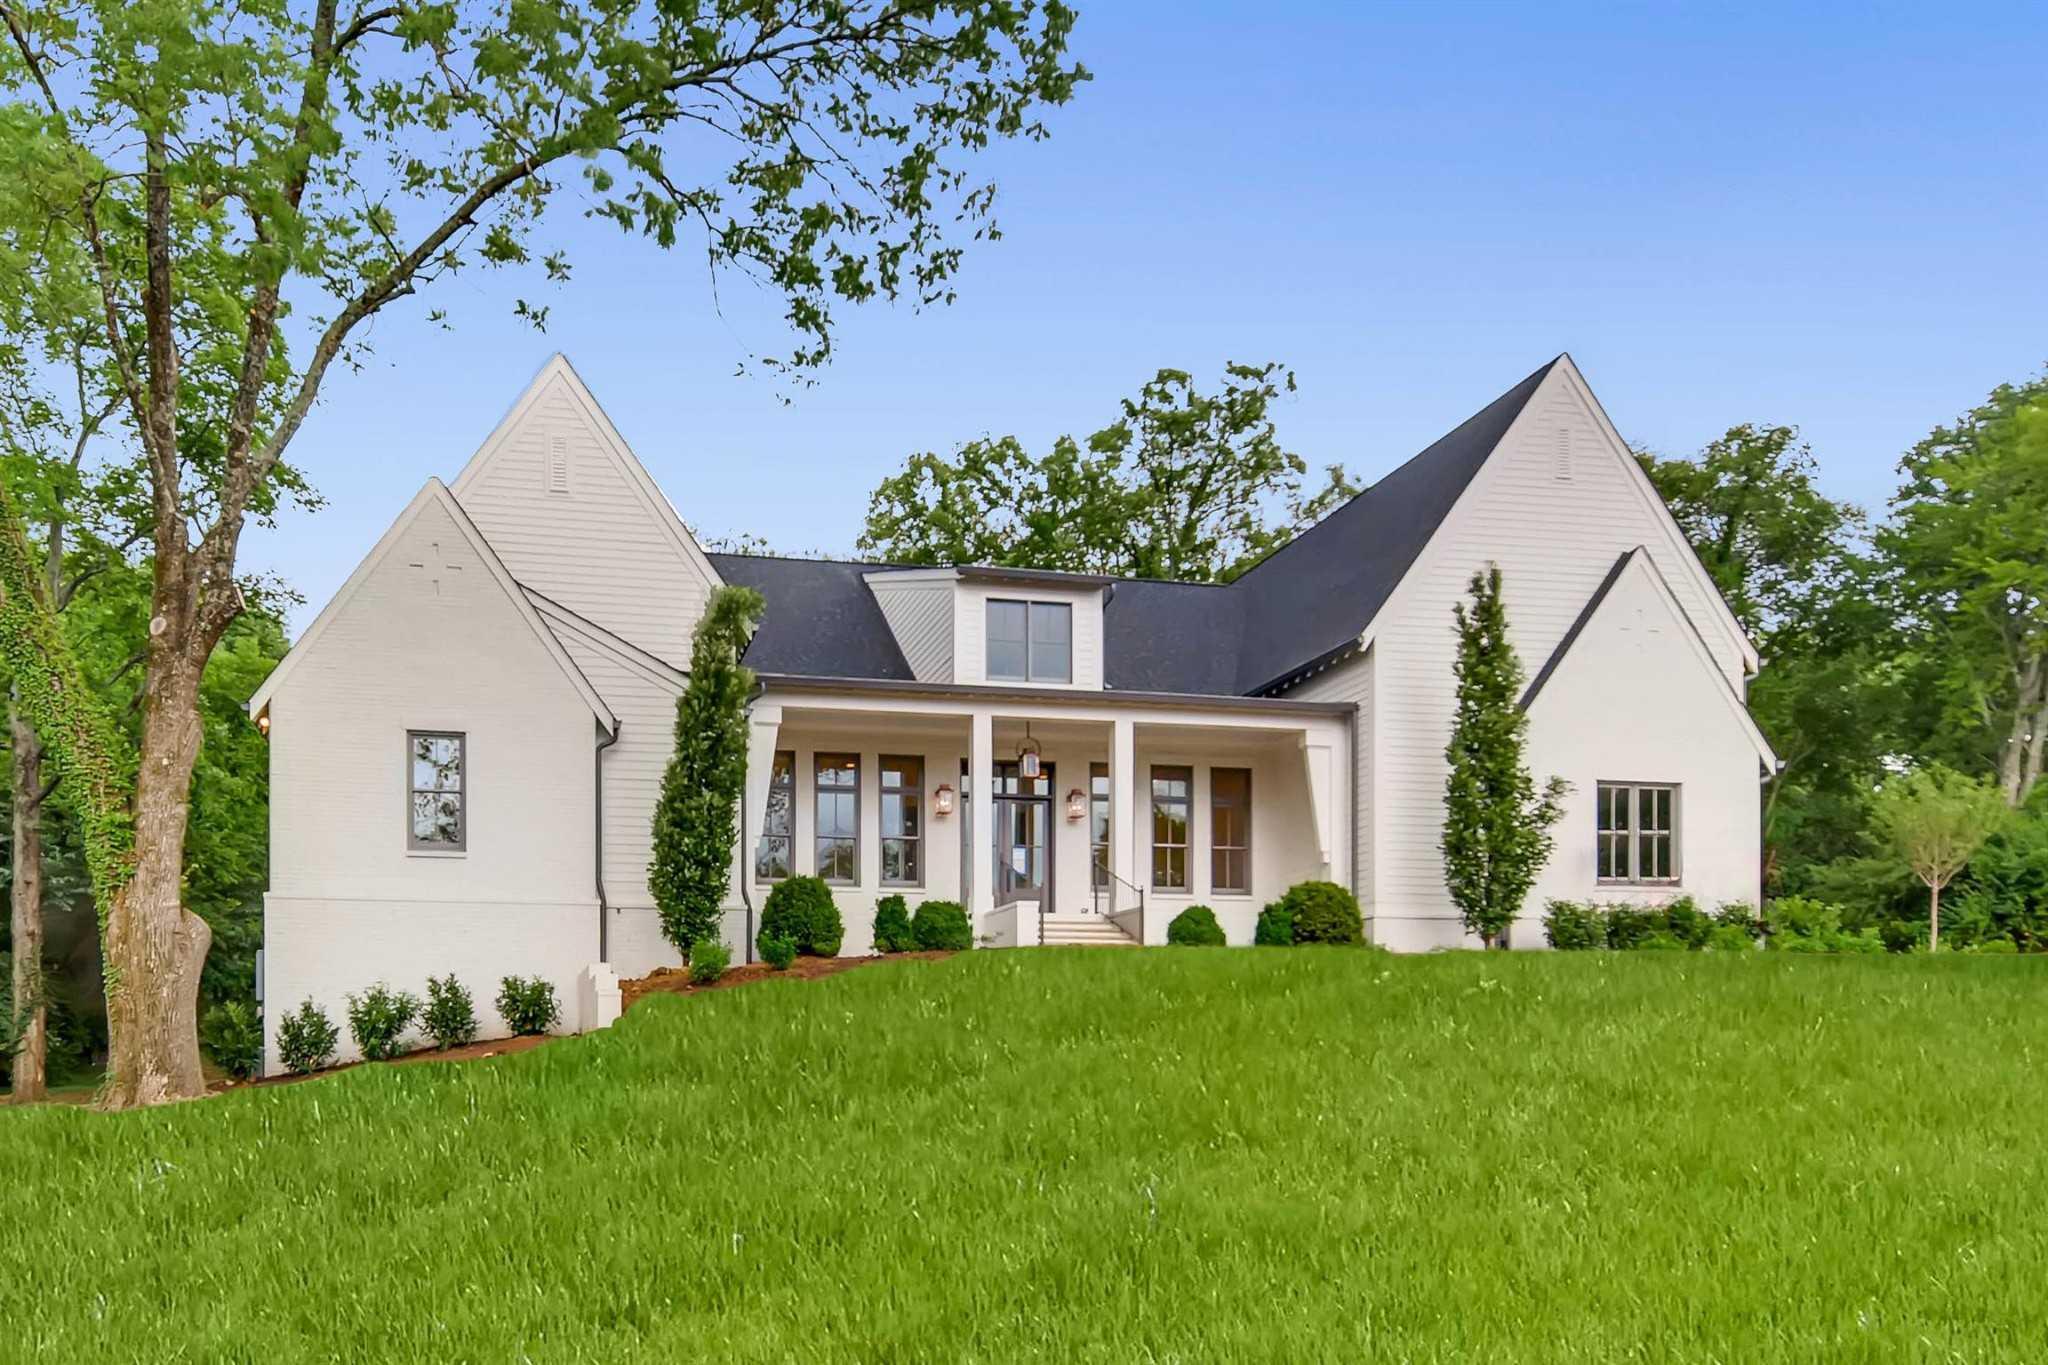 $2,965,000 - 6Br/8Ba -  for Sale in Gateway Acres, Nashville